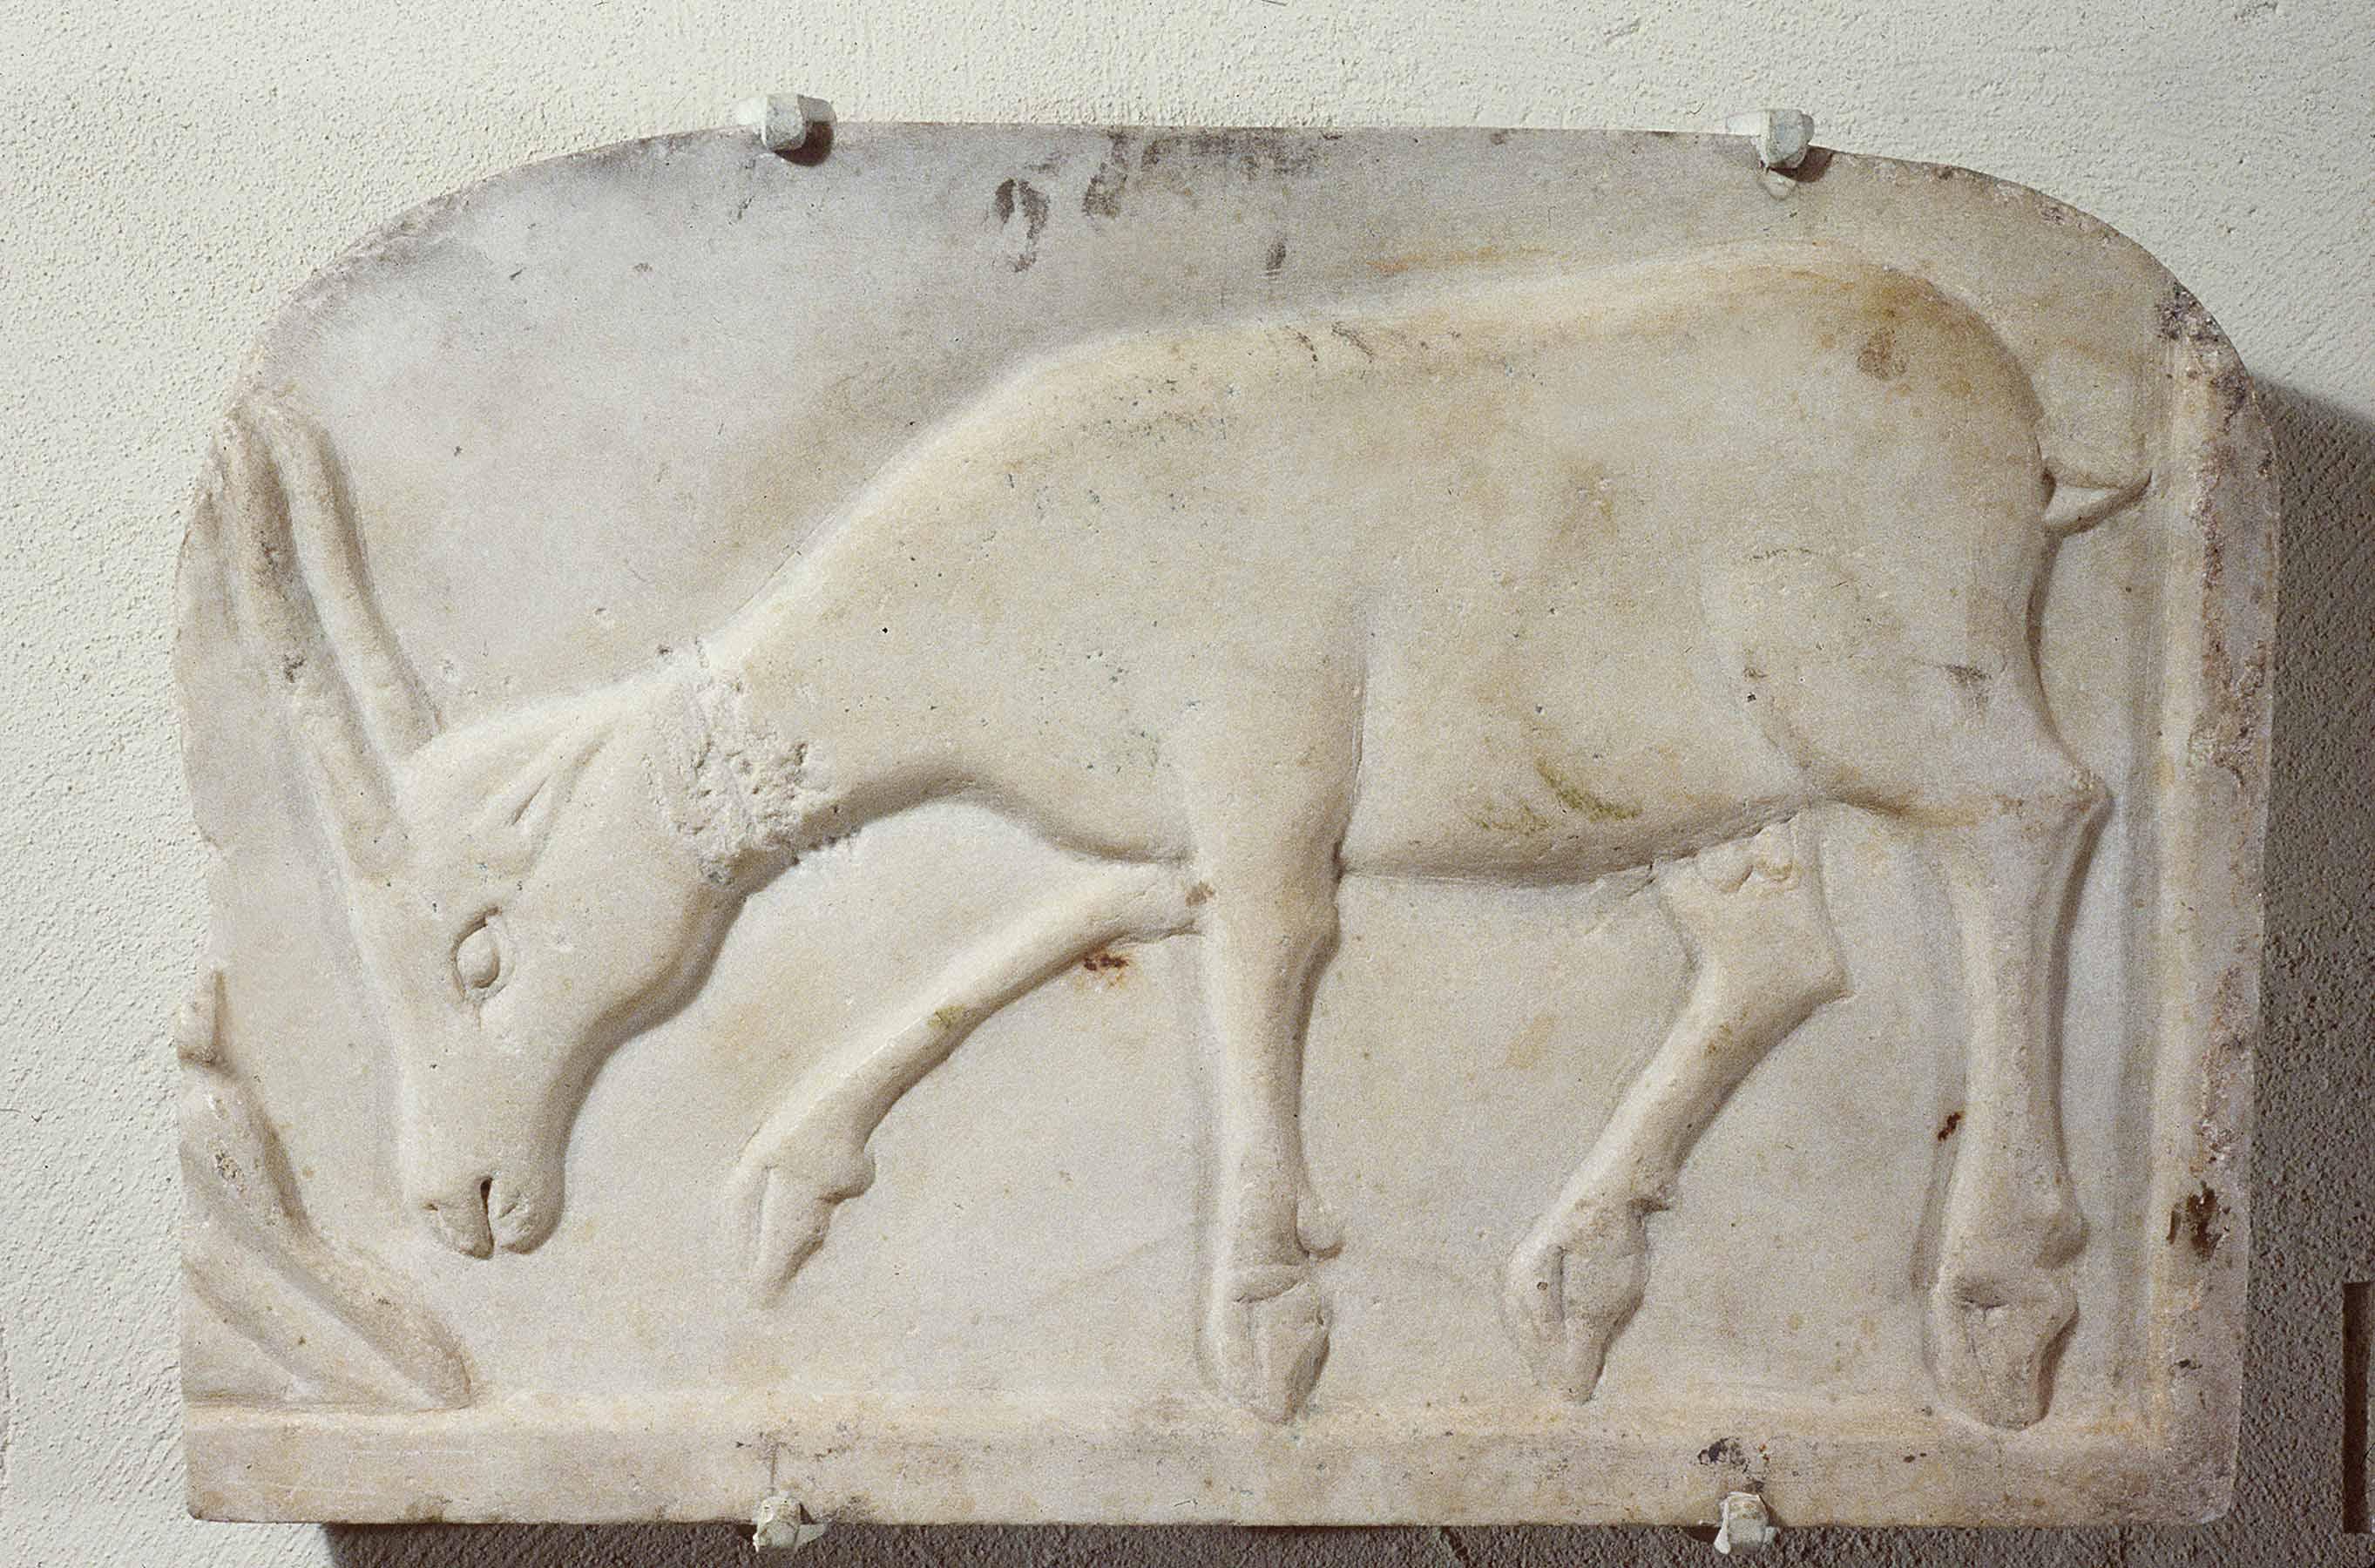 BZ.1936.44, Antelope Relief Sculpture